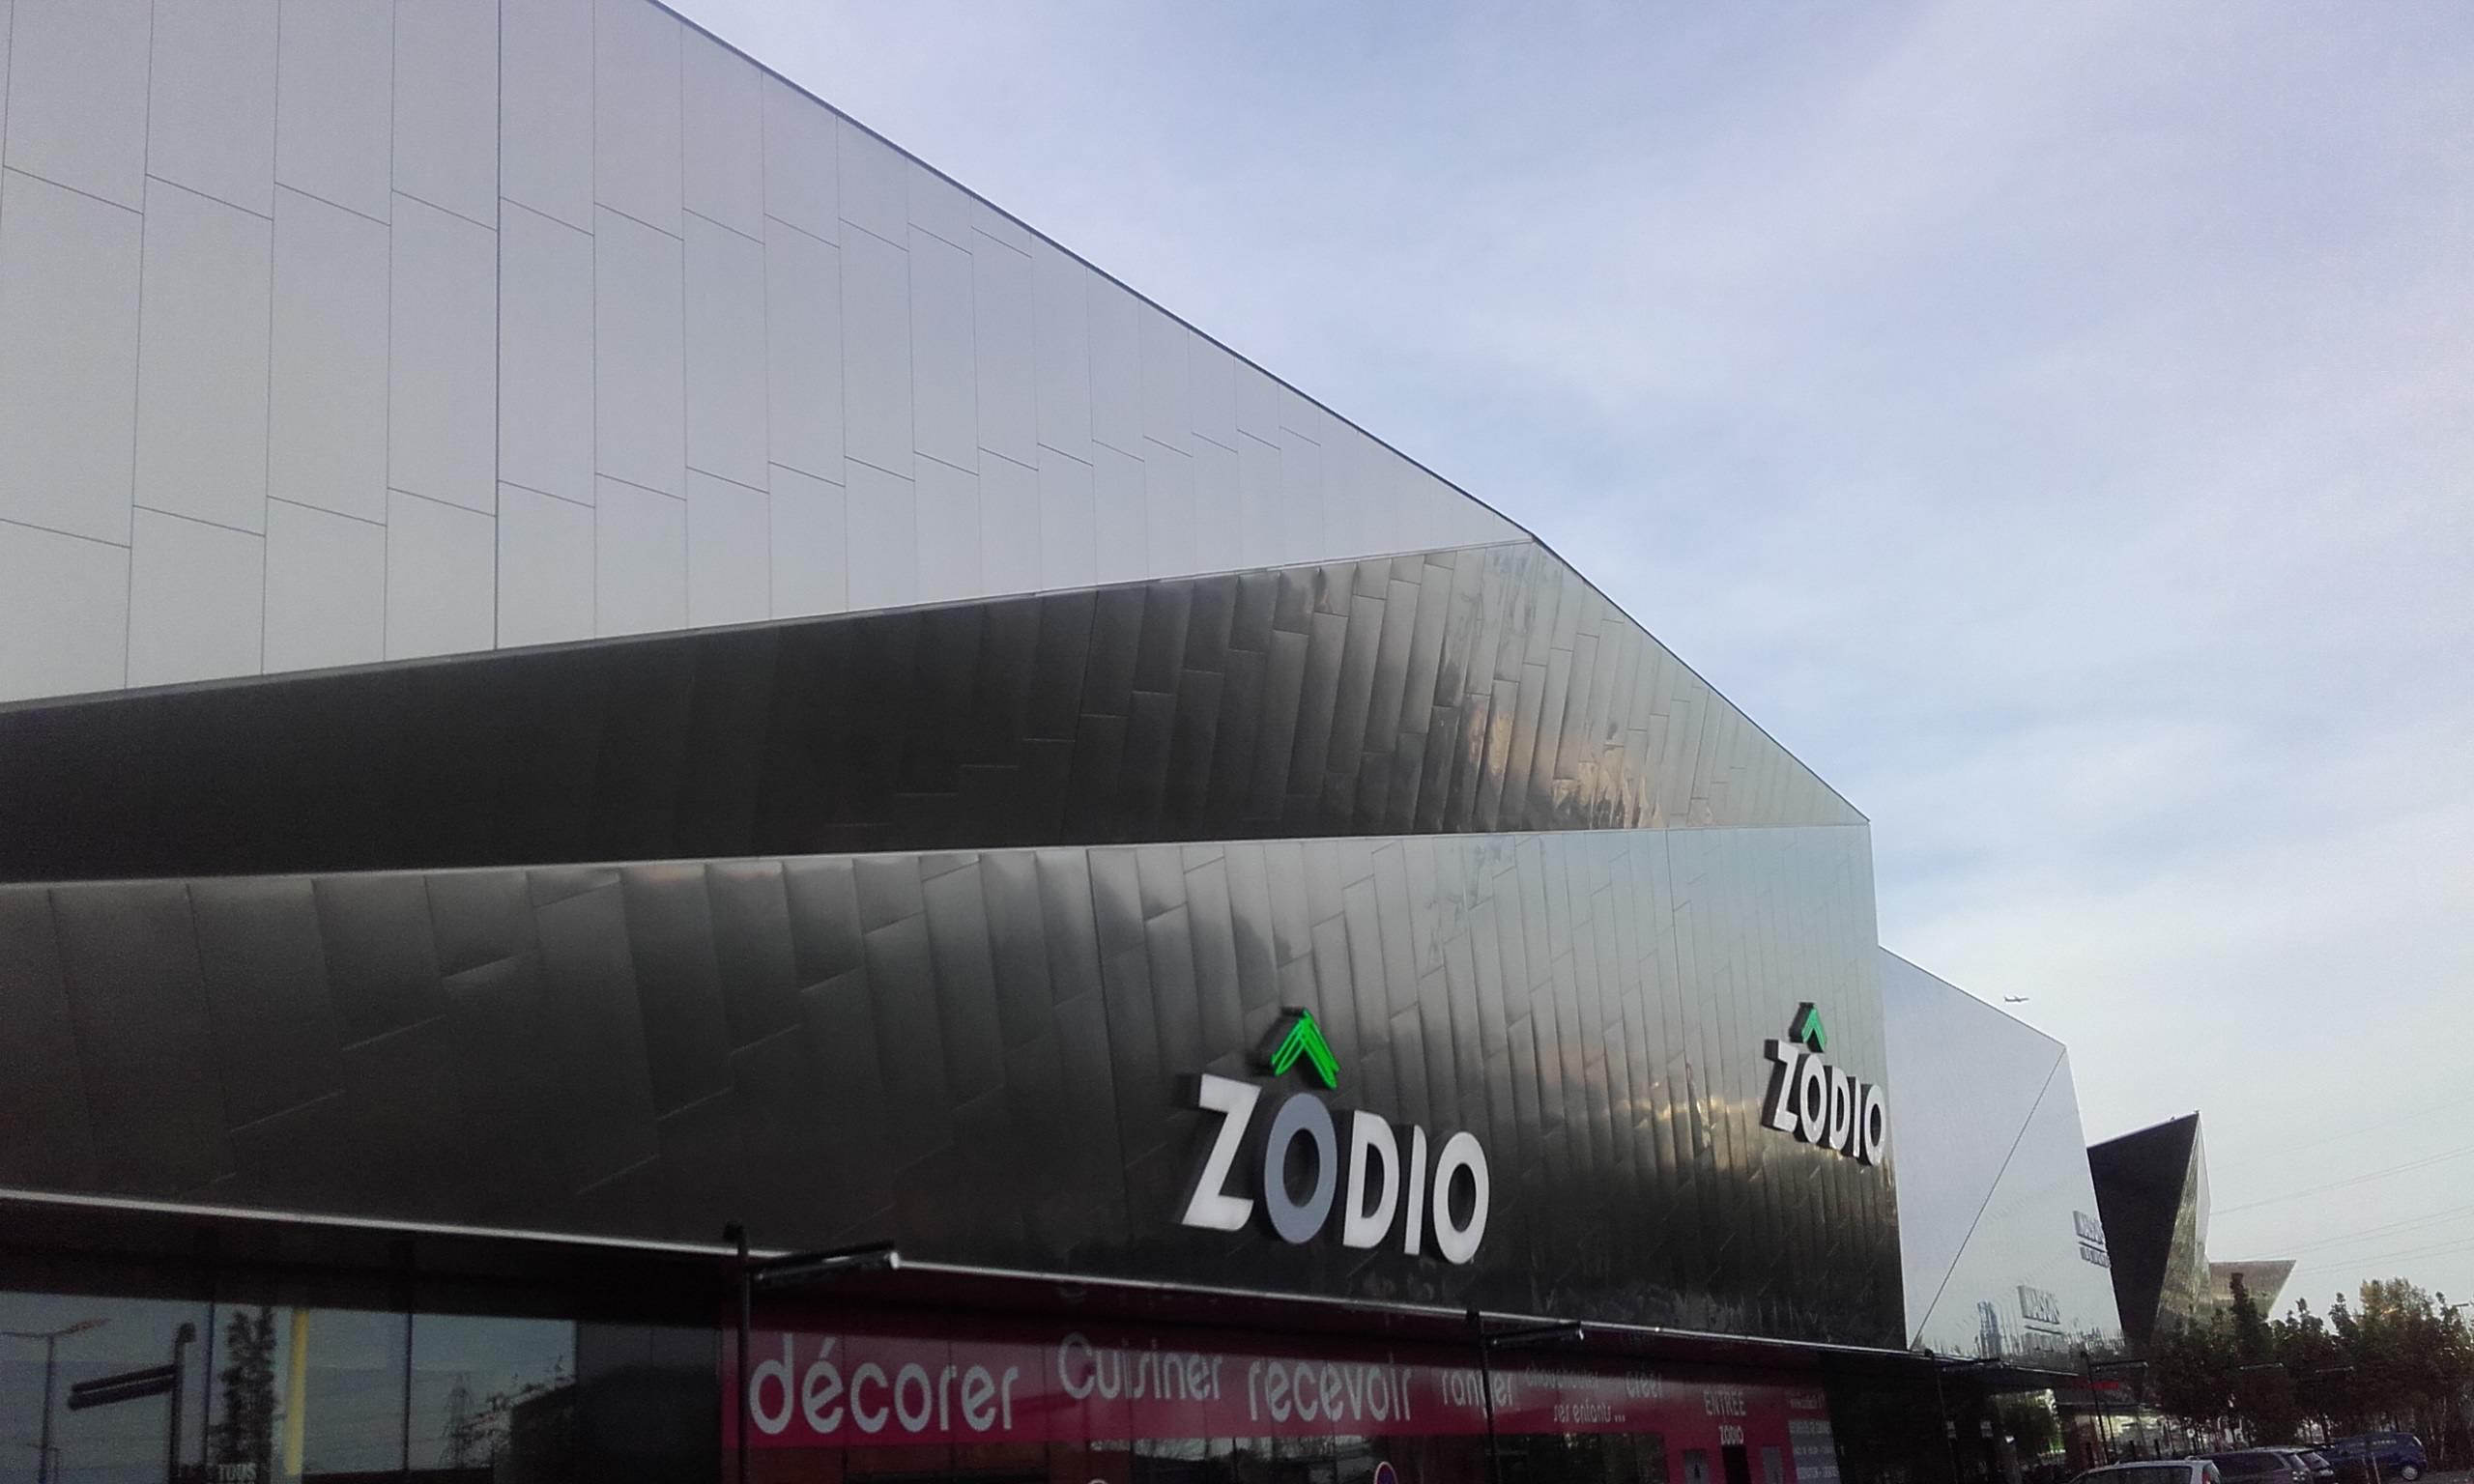 enseigne Zodio